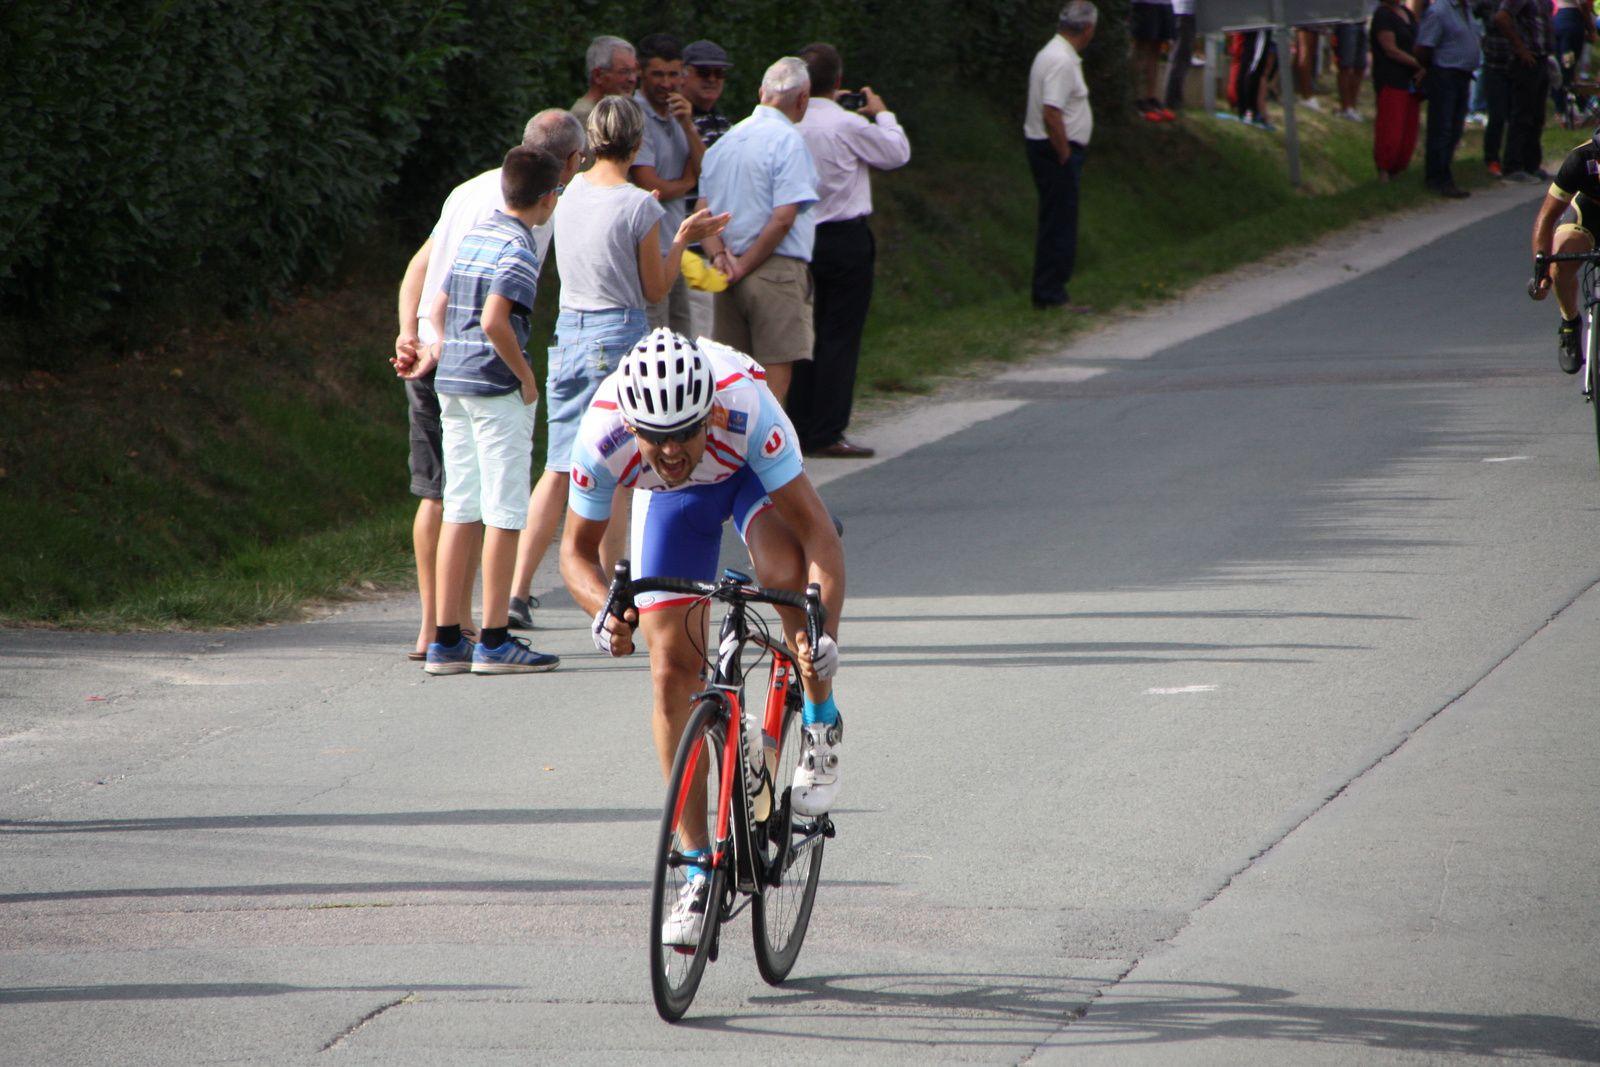 L'arrivée  et  la  victoire pour  Sébastien  CHAMPALOU(CG  Orléans-Loiret)  aprés  celle  de  St  Même  dimanche